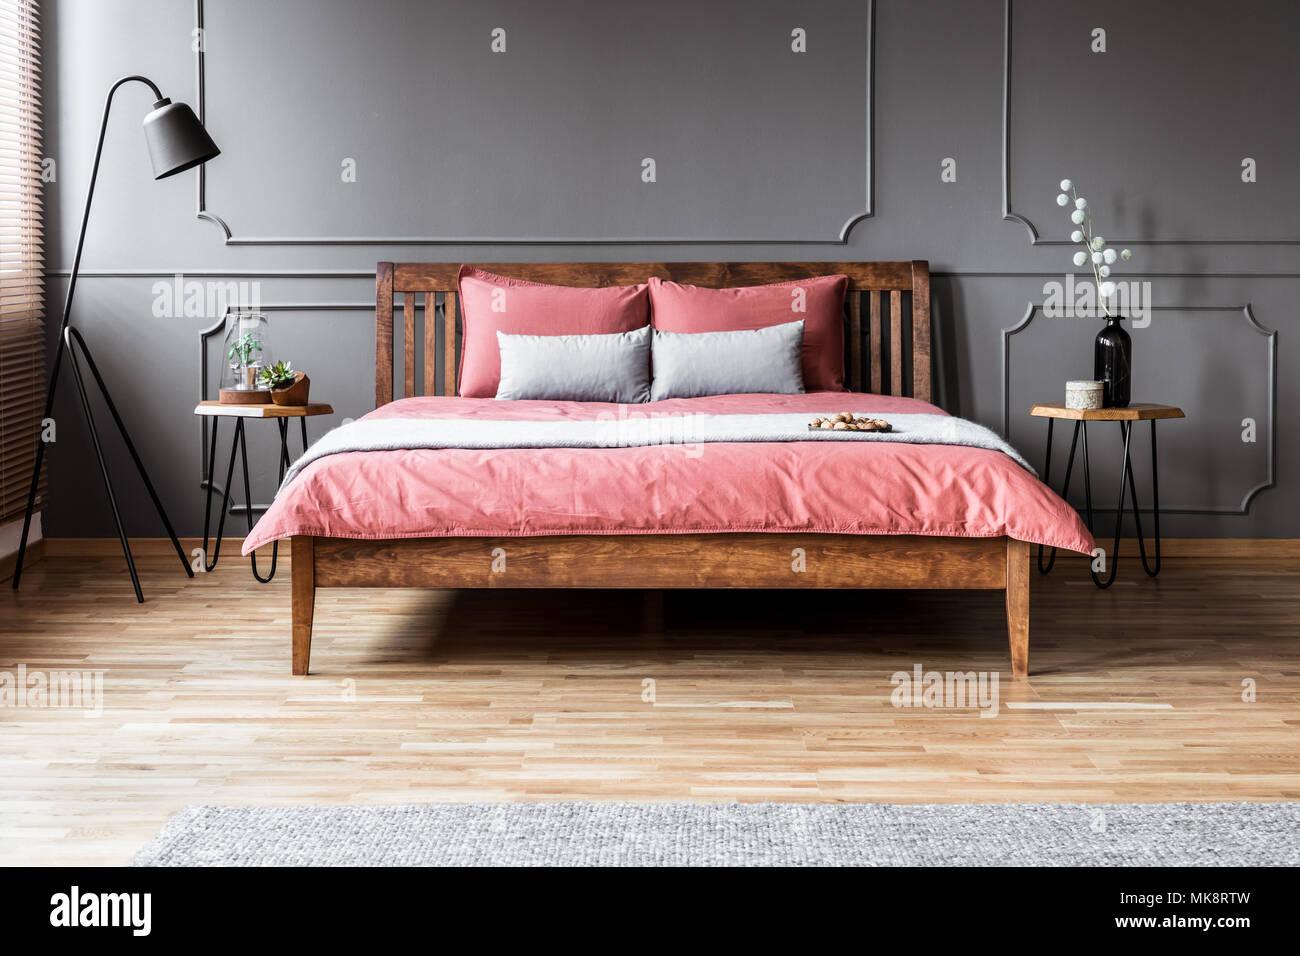 Wunderbar Grau Und Rosa Kopfkissen Auf Dem Bett Aus Holz Im Minimal